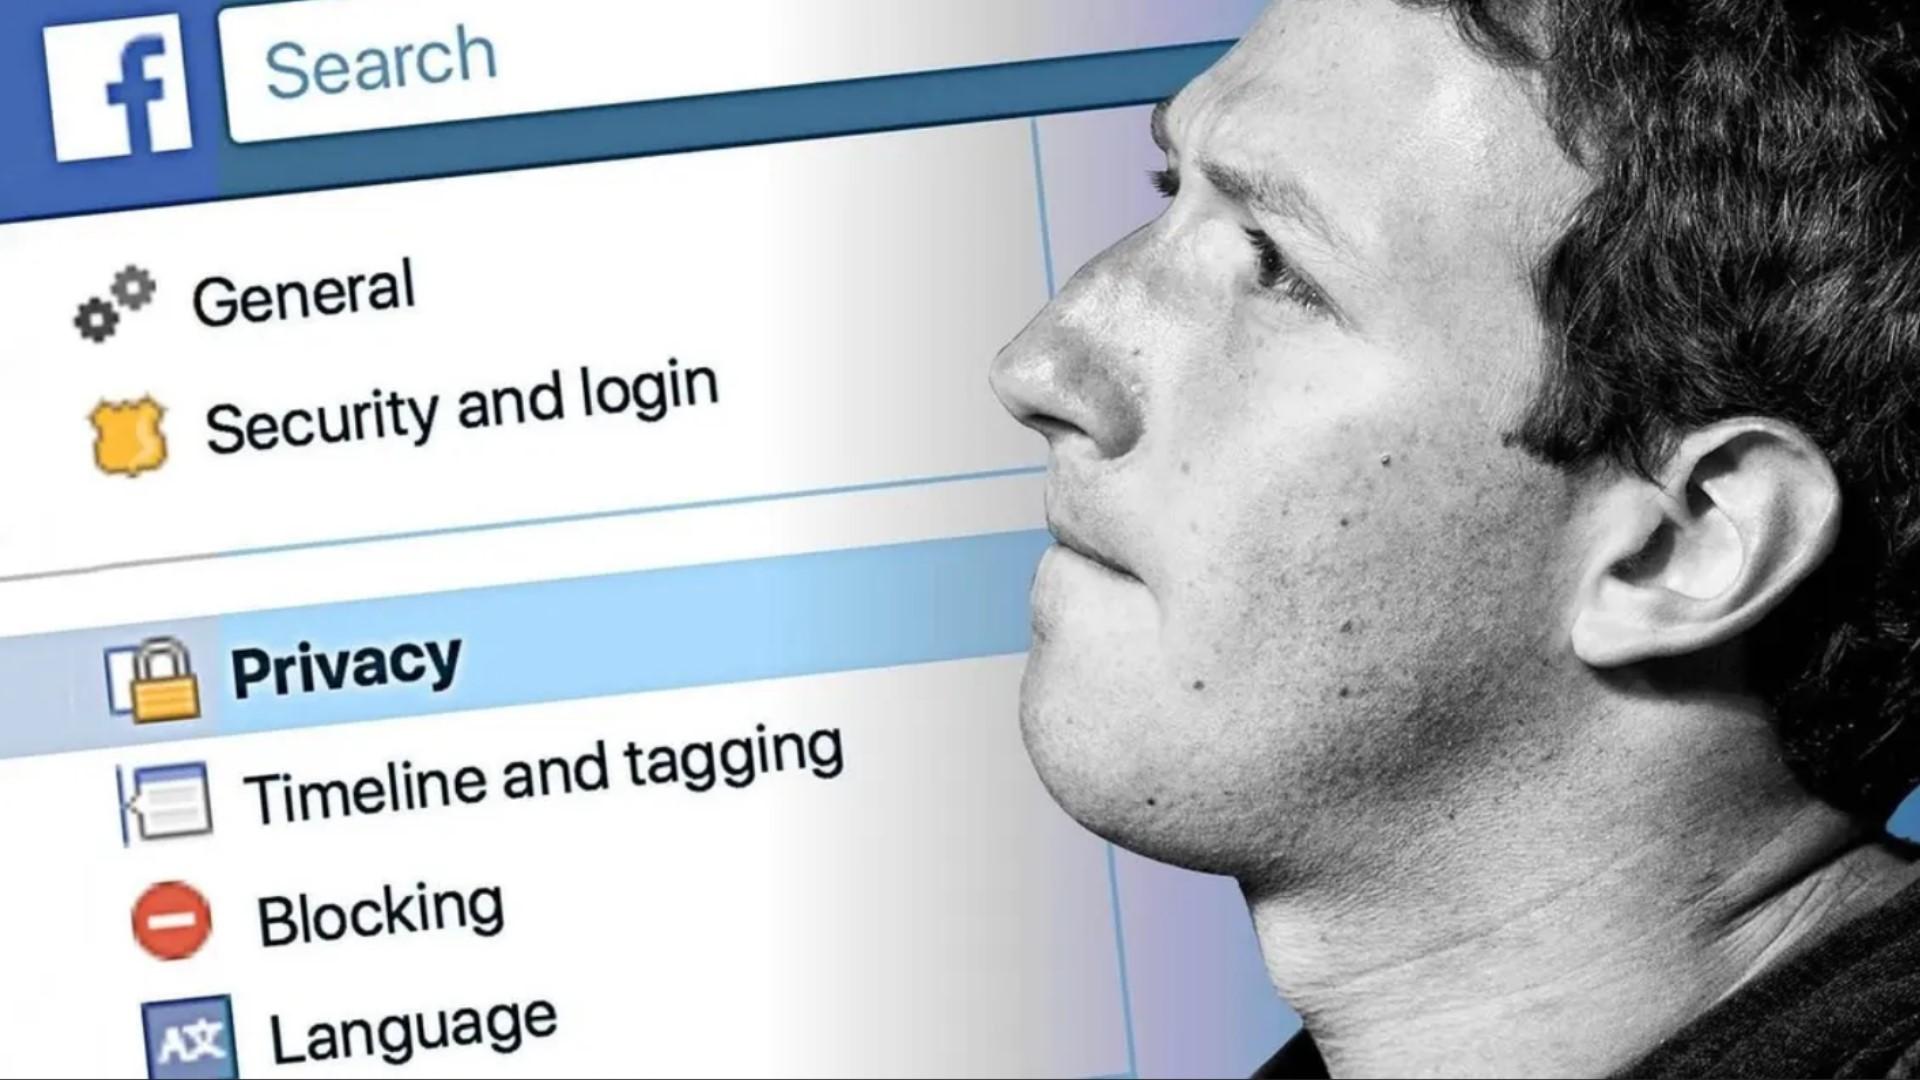 لماذا تخشى فيسبوك من ميزة الخصوصية الجديدة في iOS 14؟